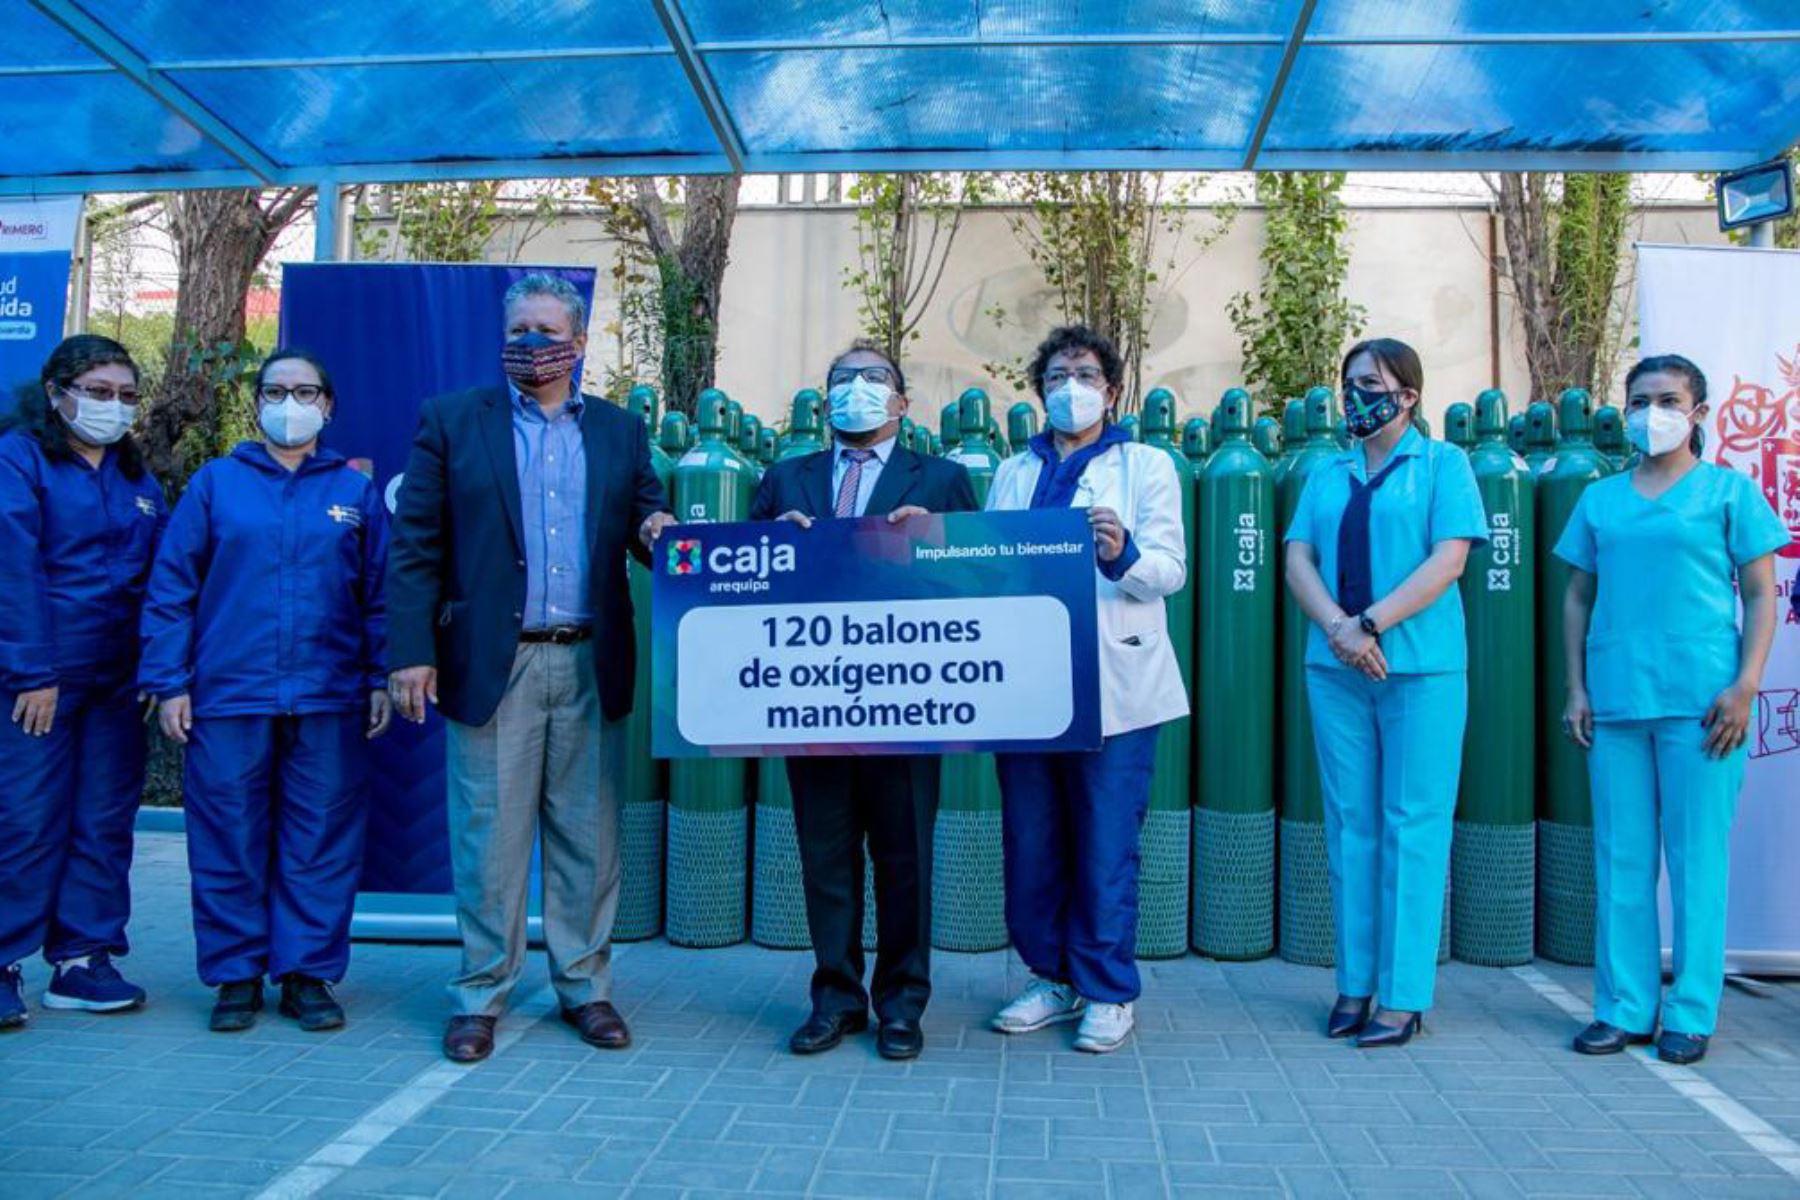 El alcalde provincial de Arequipa, Omar Candia, junto a funcionarios de Caja Arequipa entregaron los balones de oxígeno a los hospitales de la ciudad. Foto: ANDINA/Municipalidad de Arequipa